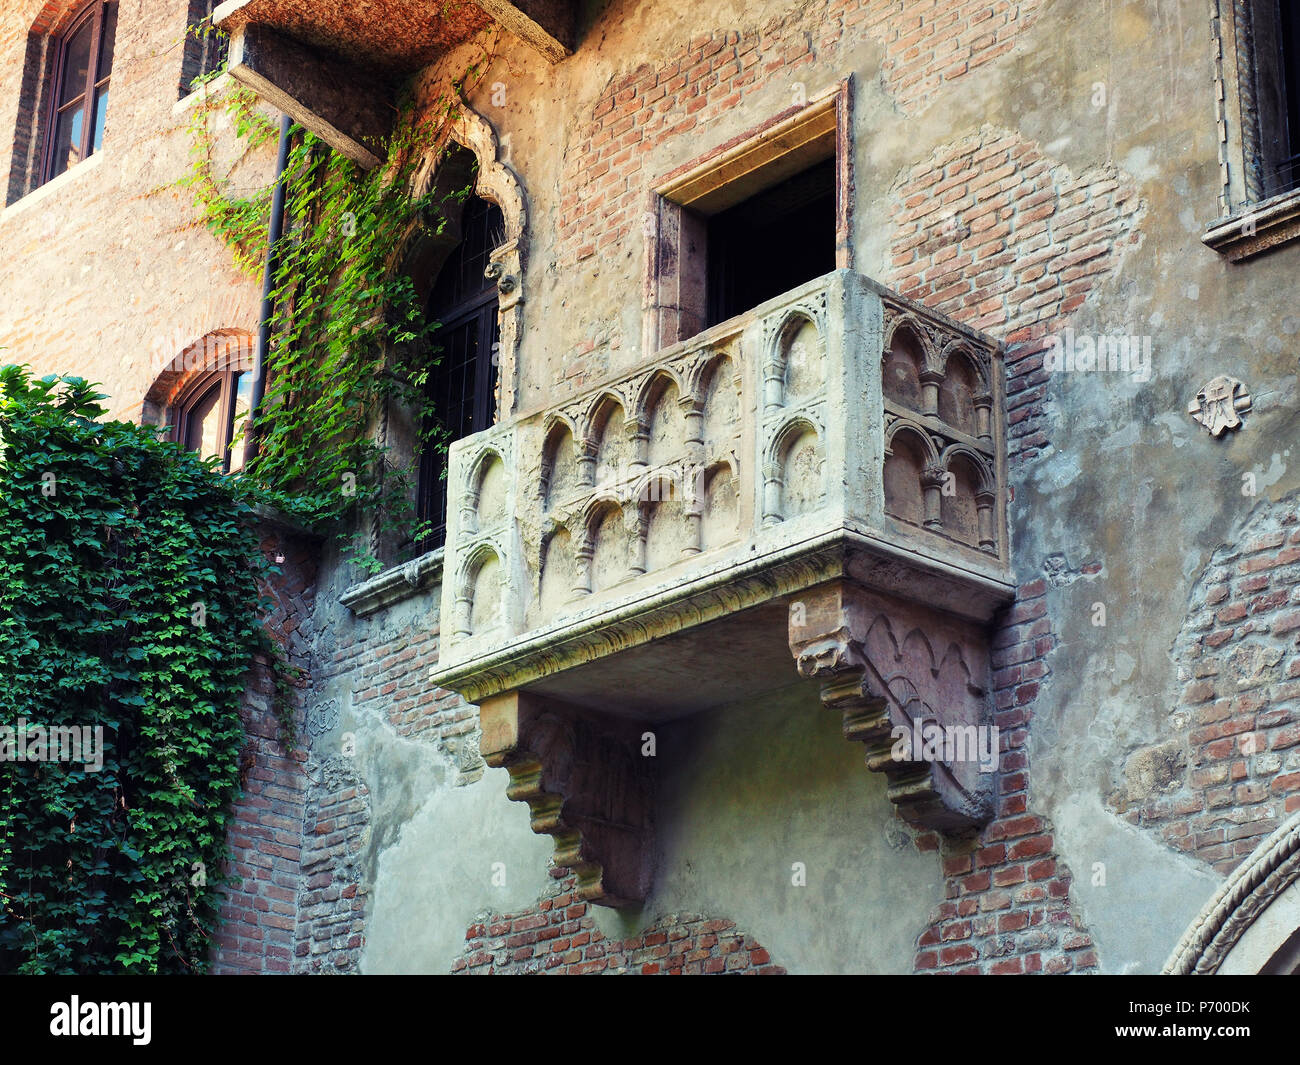 Romeo Und Julia Balkon In Verona Italien Stockfoto Bild 210827391